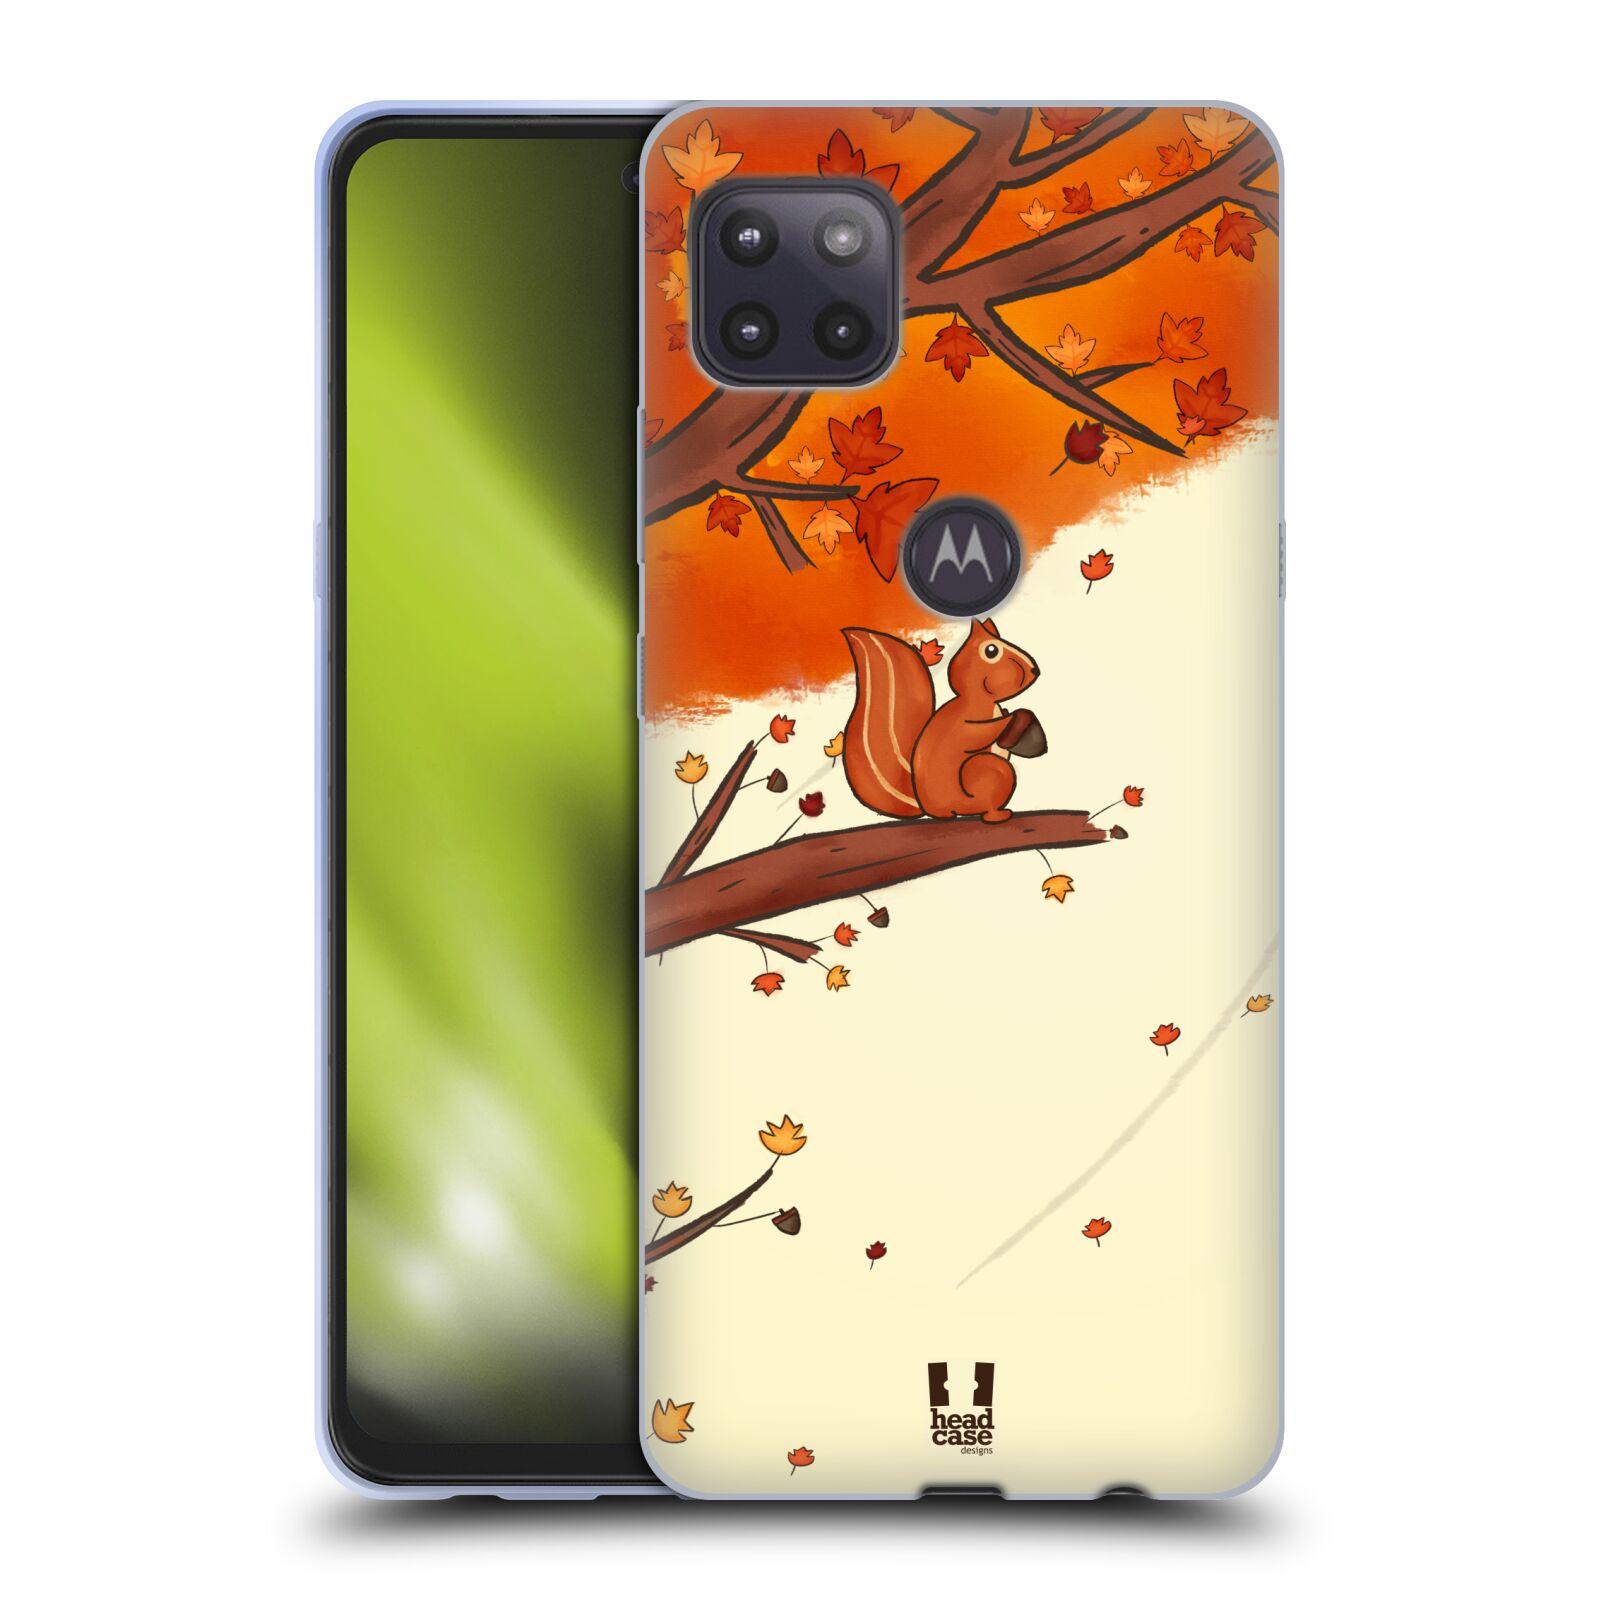 Silikonové pouzdro na mobil Motorola Moto G 5G - Head Case - PODZIMNÍ VEVERKA